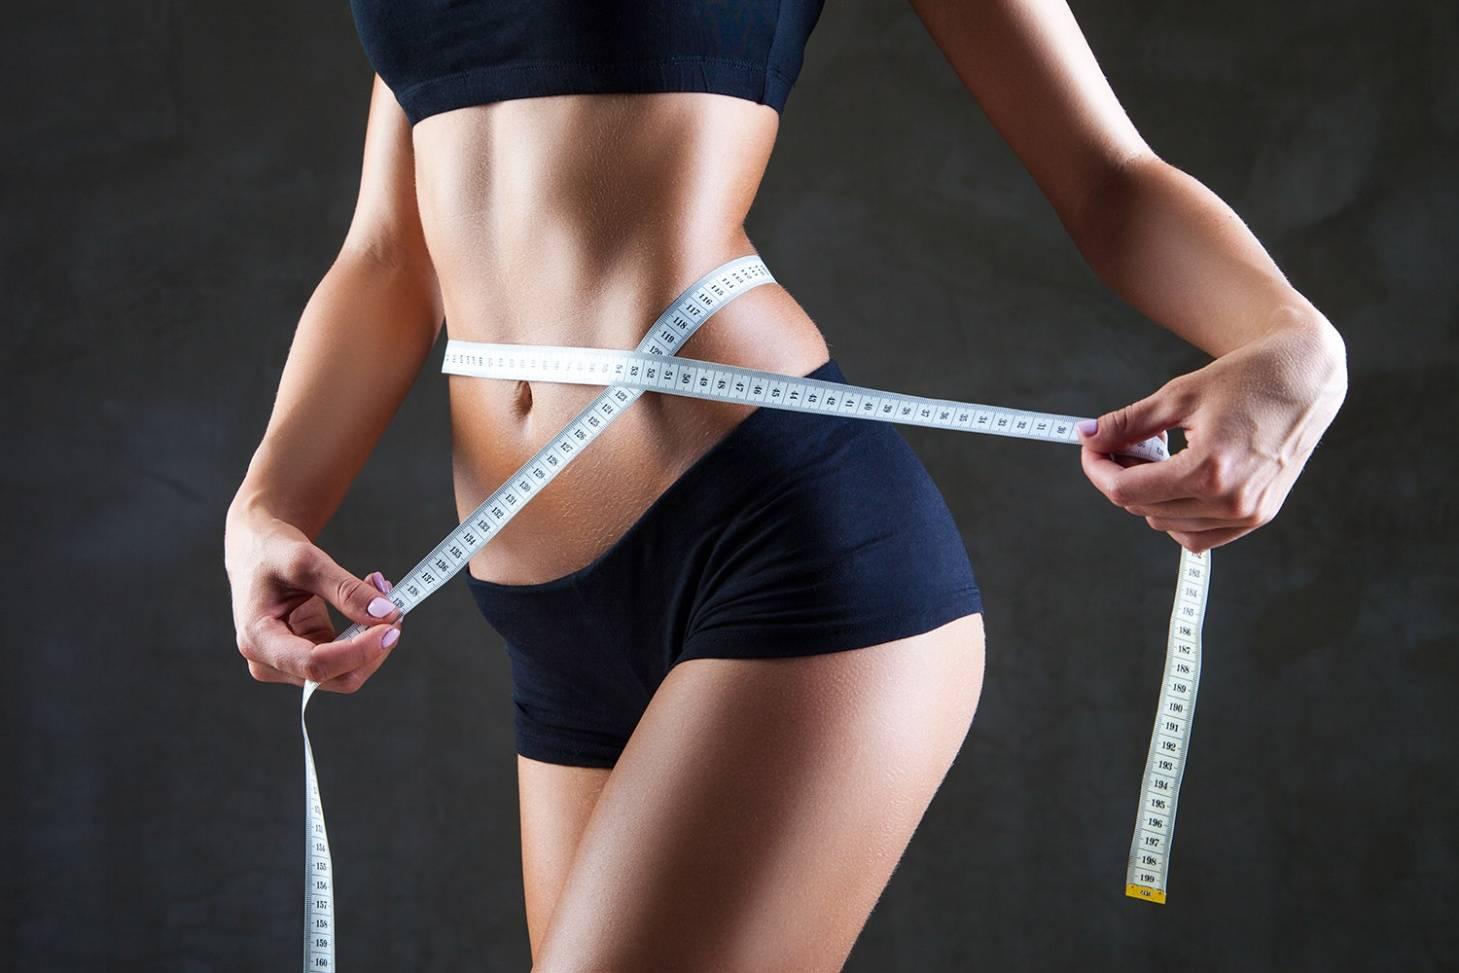 Как убрать живот— пошаговая инструкция по эффективному похудению живота + диета и упражнения